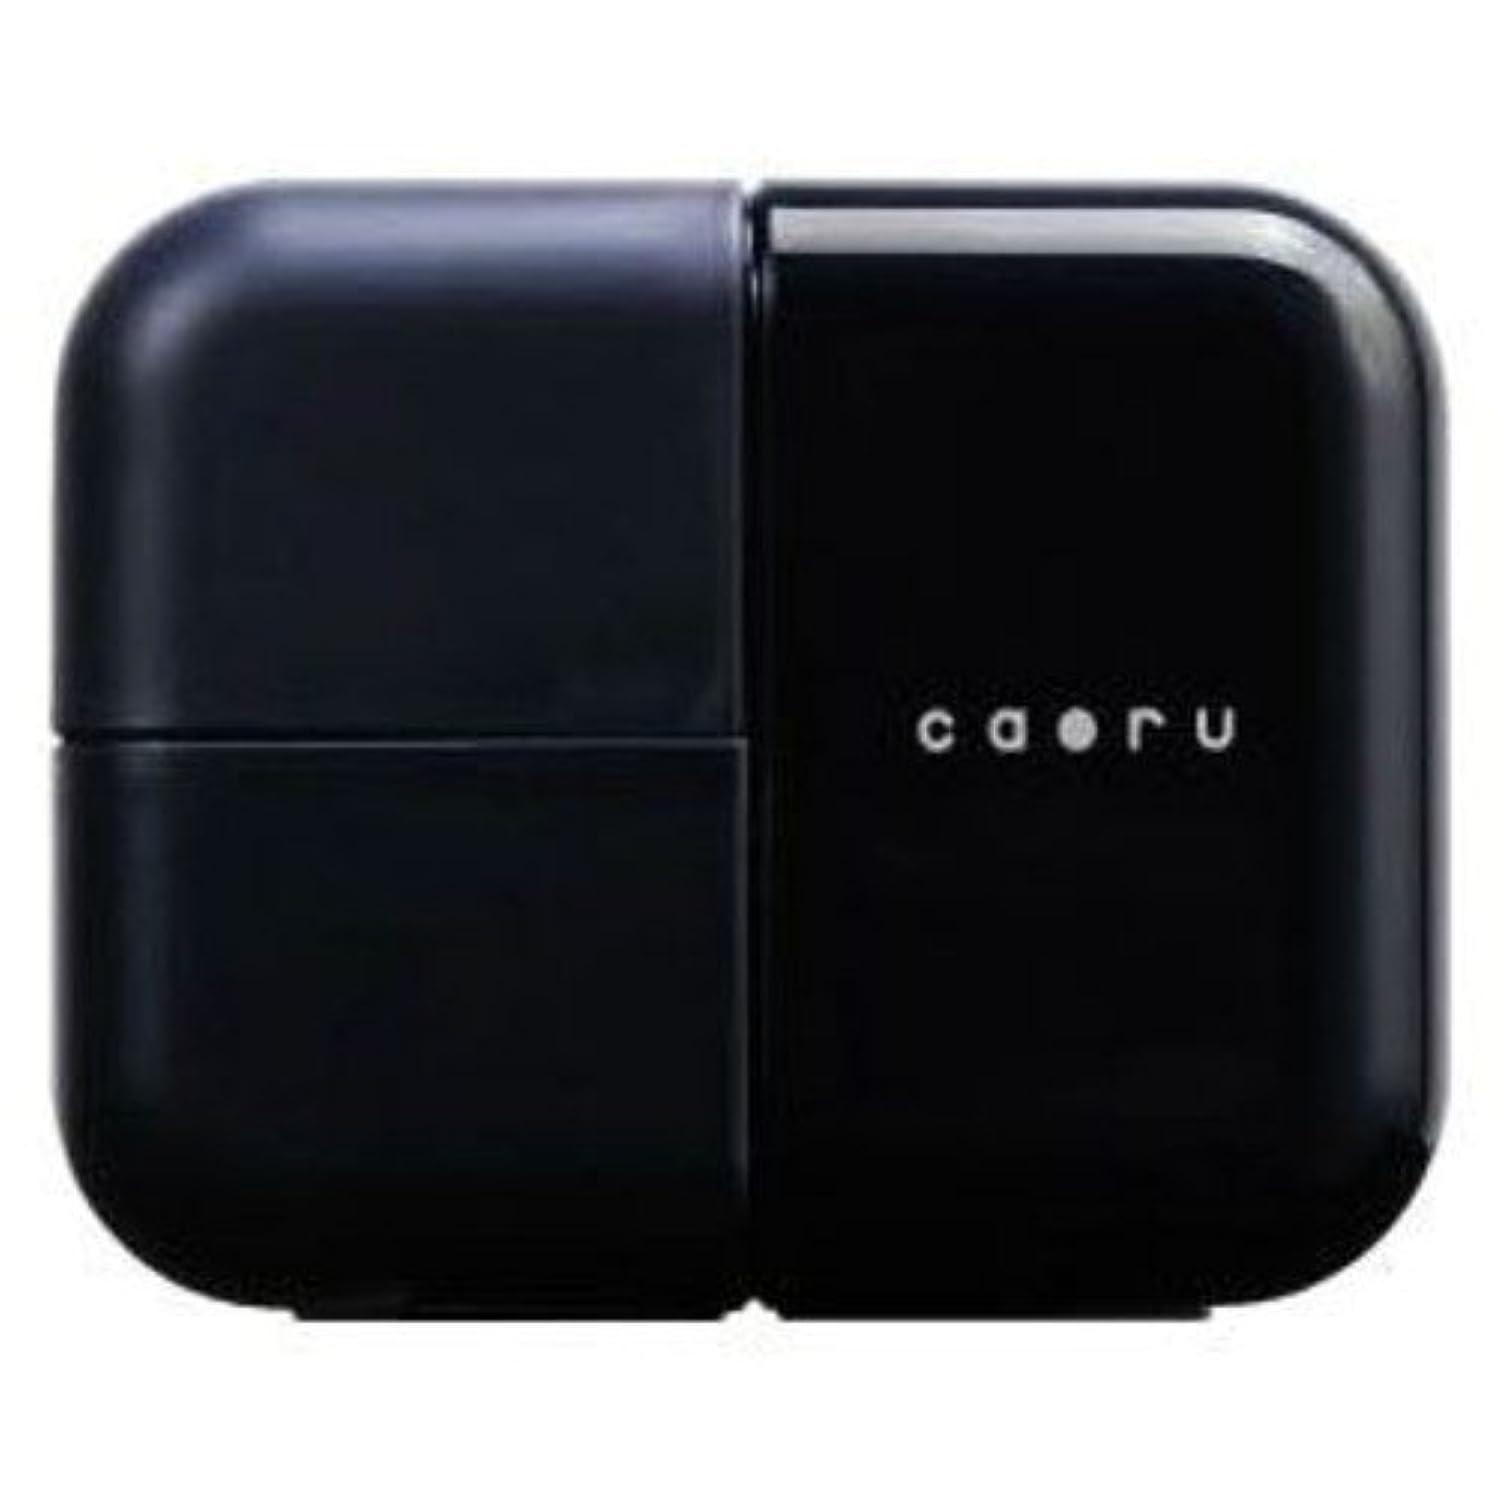 最高ボード計画的モバイルアロマディフューザー Caoru プラム